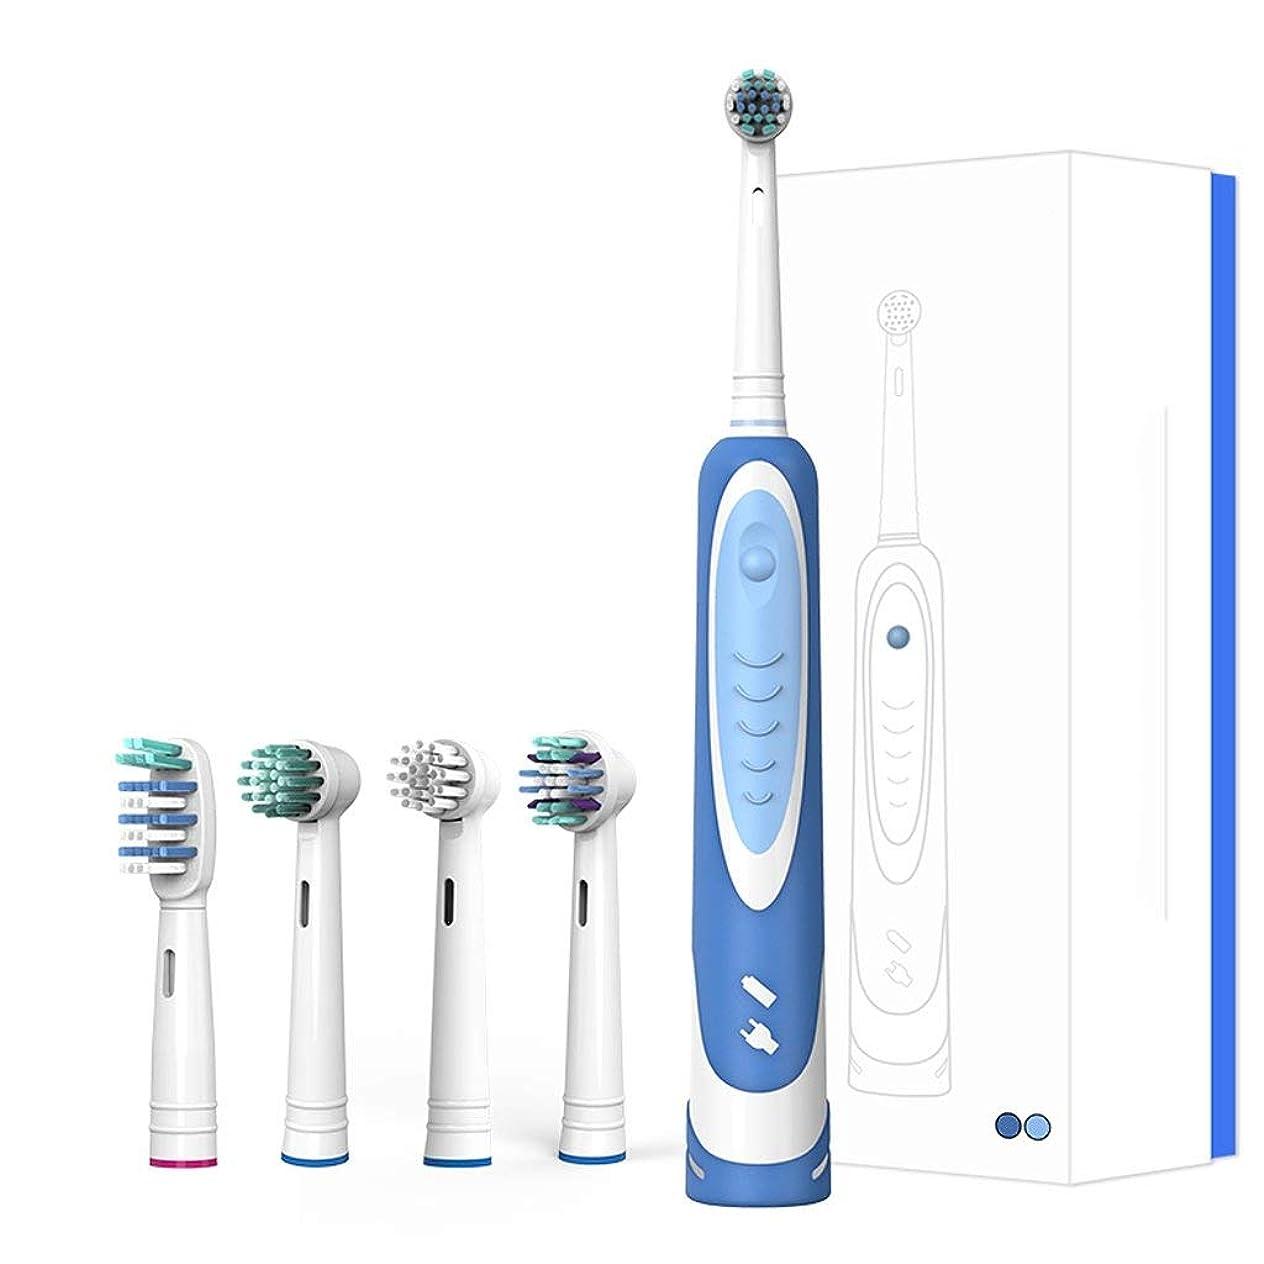 媒染剤アシュリータファーマン月曜電動歯ブラシ大人回転式電動歯ブラシ防水スマート歯ブラシ2分スマートタイマー2ブラッシングモード持ち運びが簡単